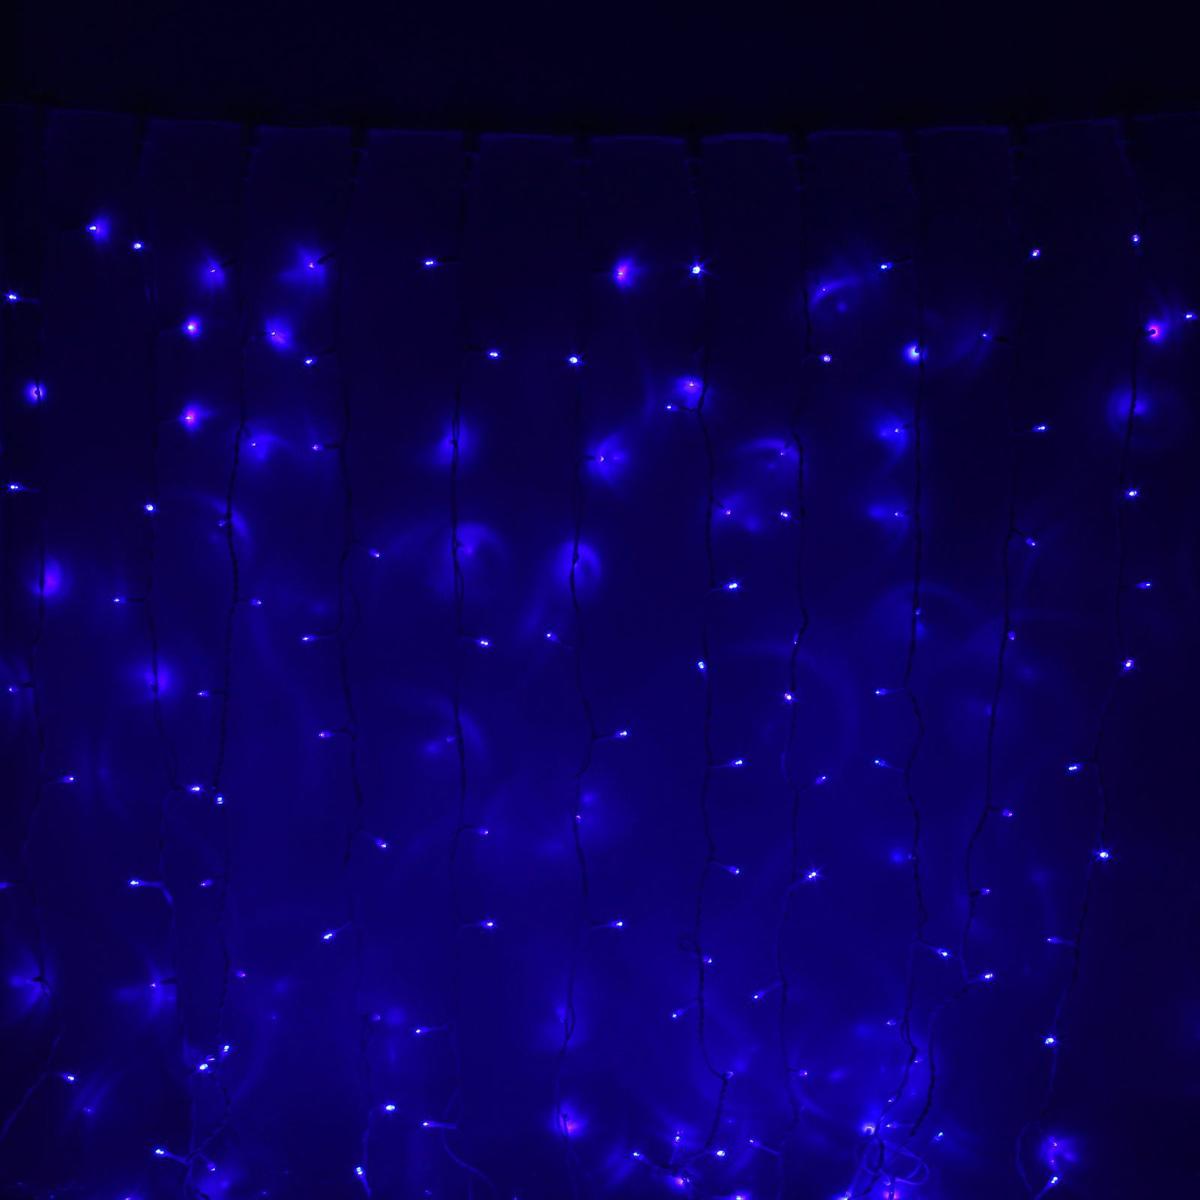 Гирлянда светодиодная Luazon Занавес, цвет: синий, уличная, 1440 ламп, 220 V, 2 х 6 м. 10802671080267Гирлянда светодиодная Luazon Занавес - это отличный вариант для новогоднего оформления интерьера или фасада. С ее помощью помещение любого размера можно превратить в праздничный зал, а внешние элементы зданий, украшенные гирляндой, мгновенно станут напоминать очертания сказочного дворца. Такое украшение создаст ауру предвкушения чуда. Деревья, фасады, витрины, окна и арки будто специально созданы, чтобы вы украсили их светящимися нитями.